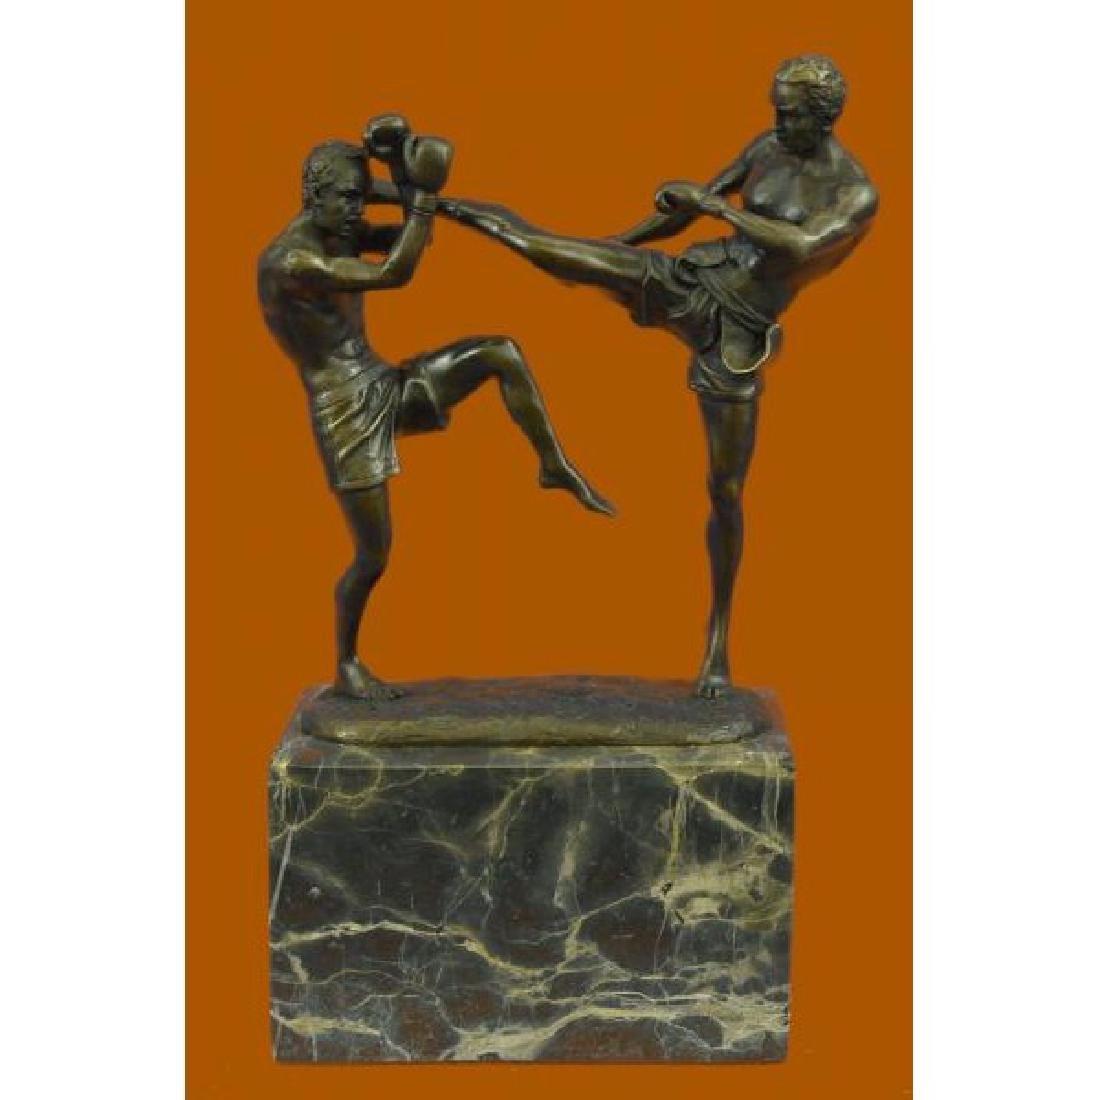 Milo Kick Boxer Boxers Bronze Sculpture Marble Base